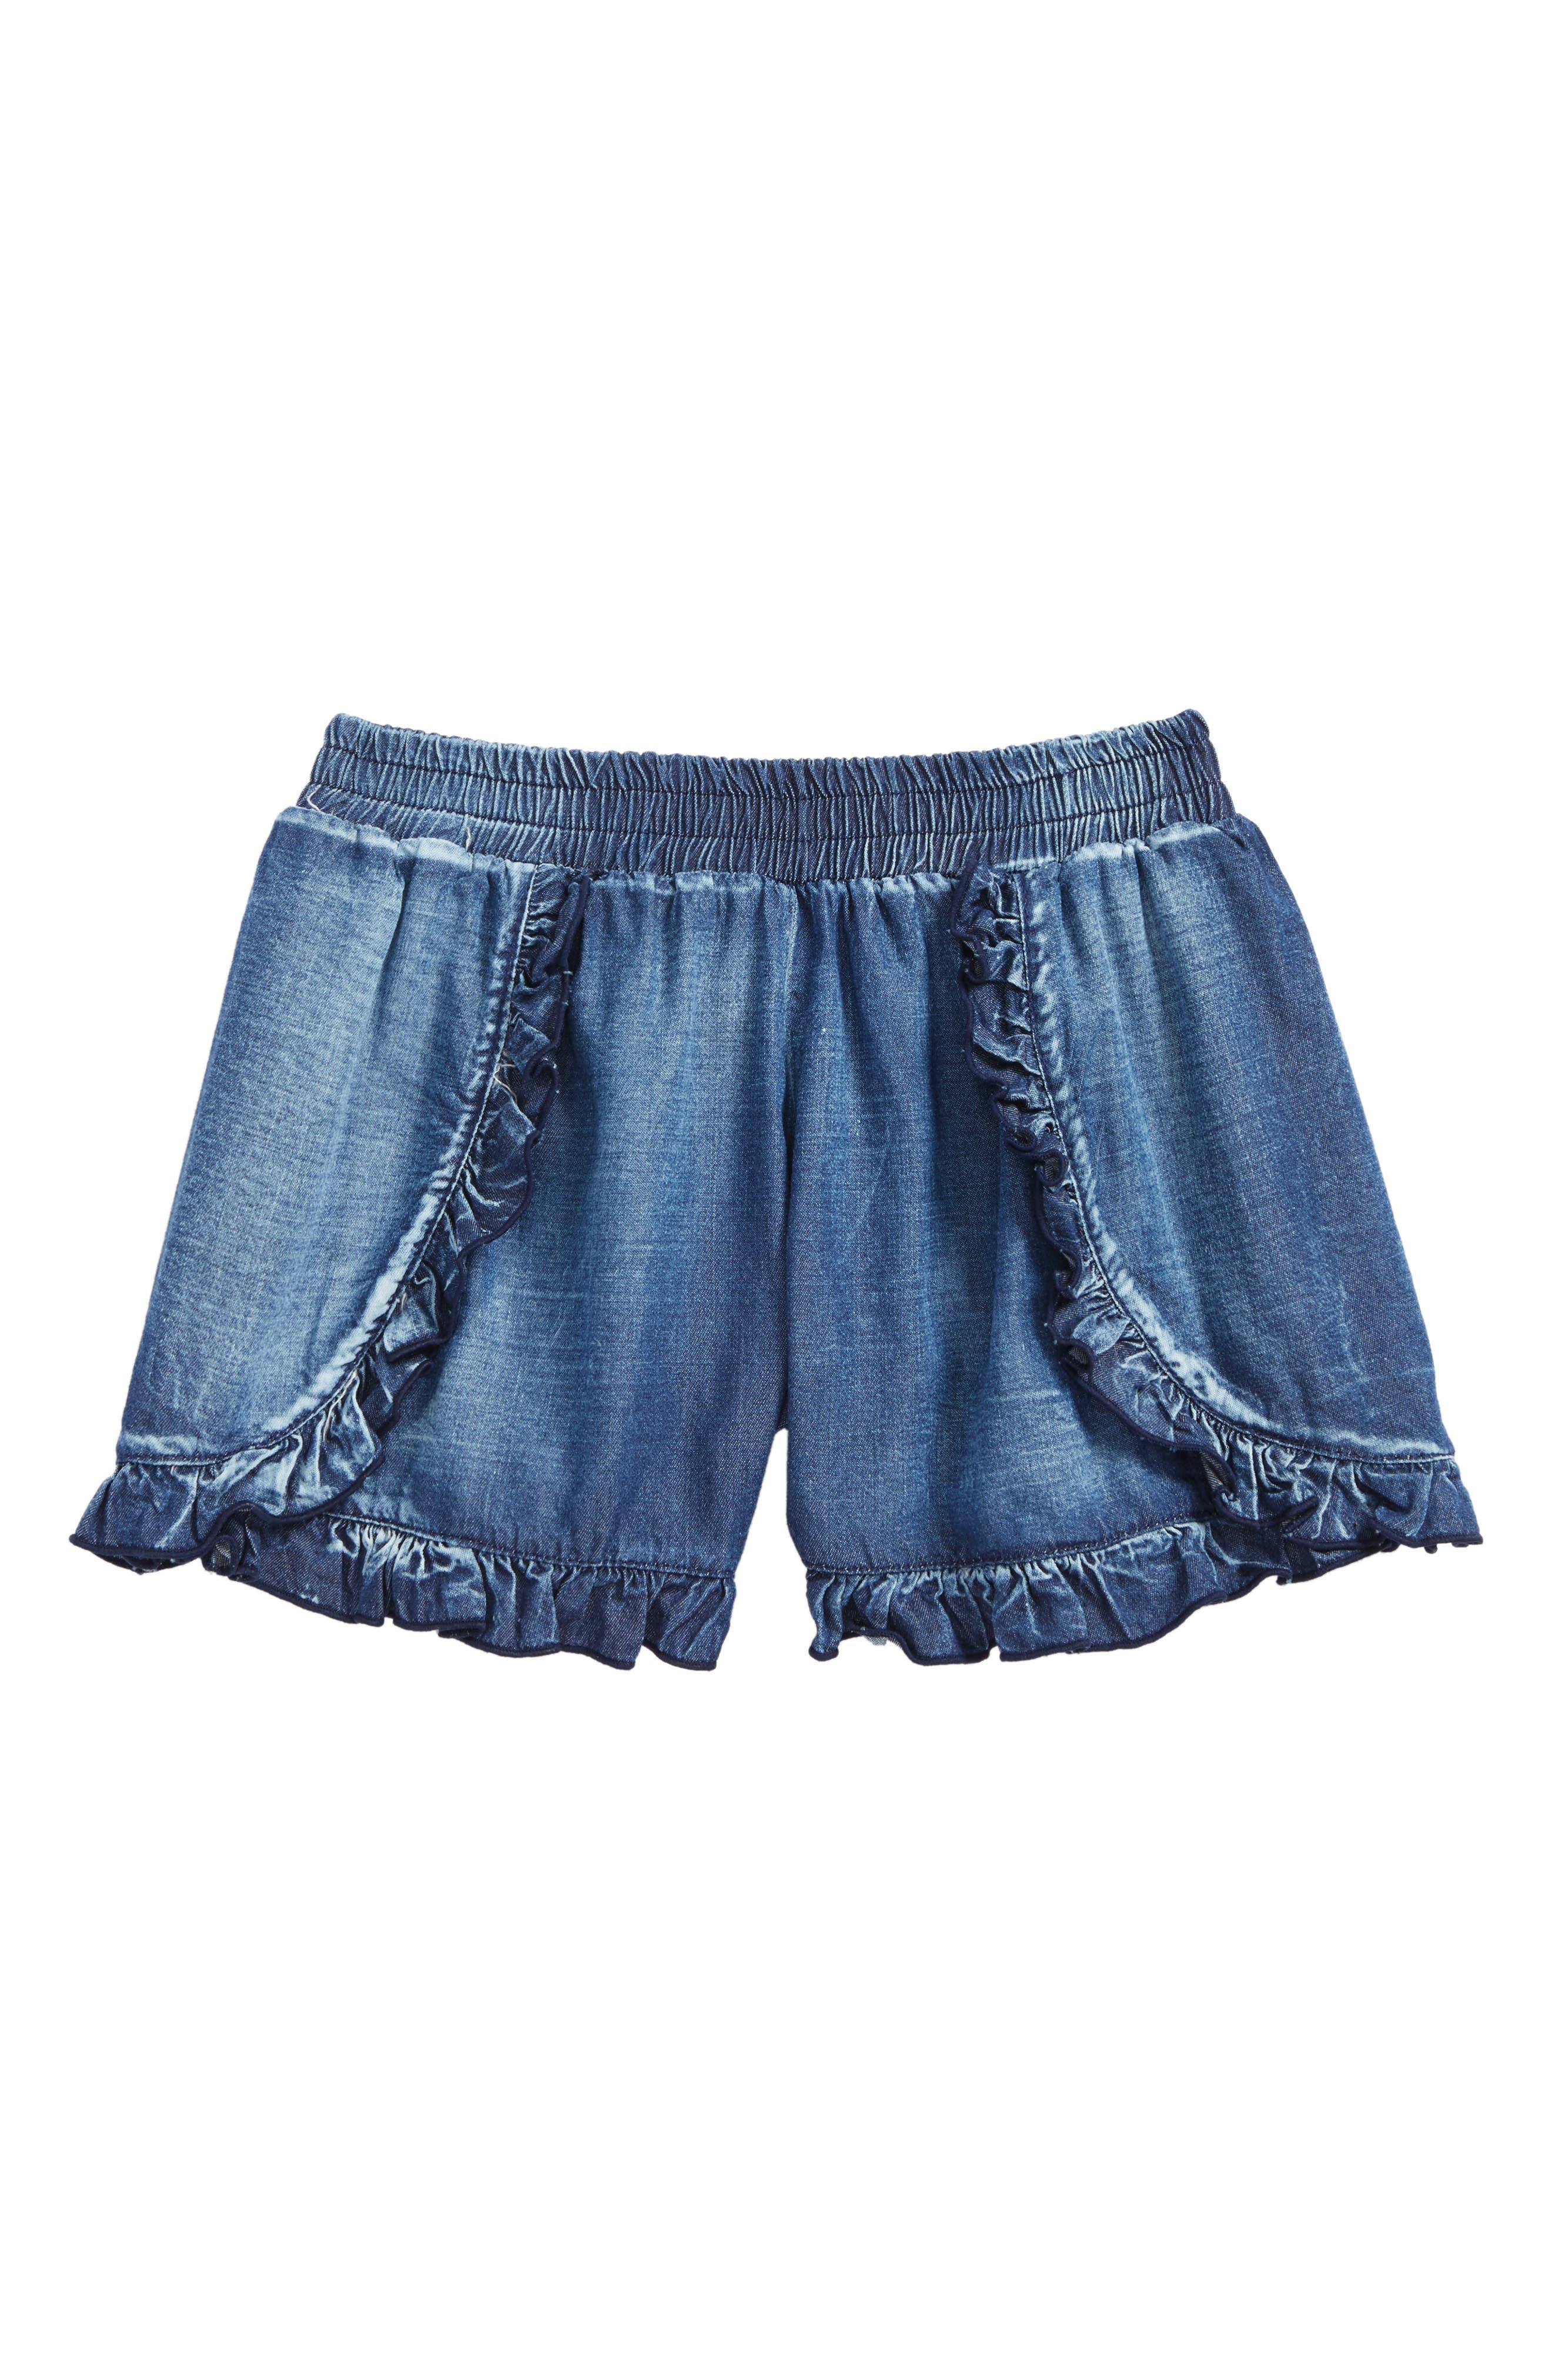 Ruffle Shorts,                             Main thumbnail 1, color,                             466